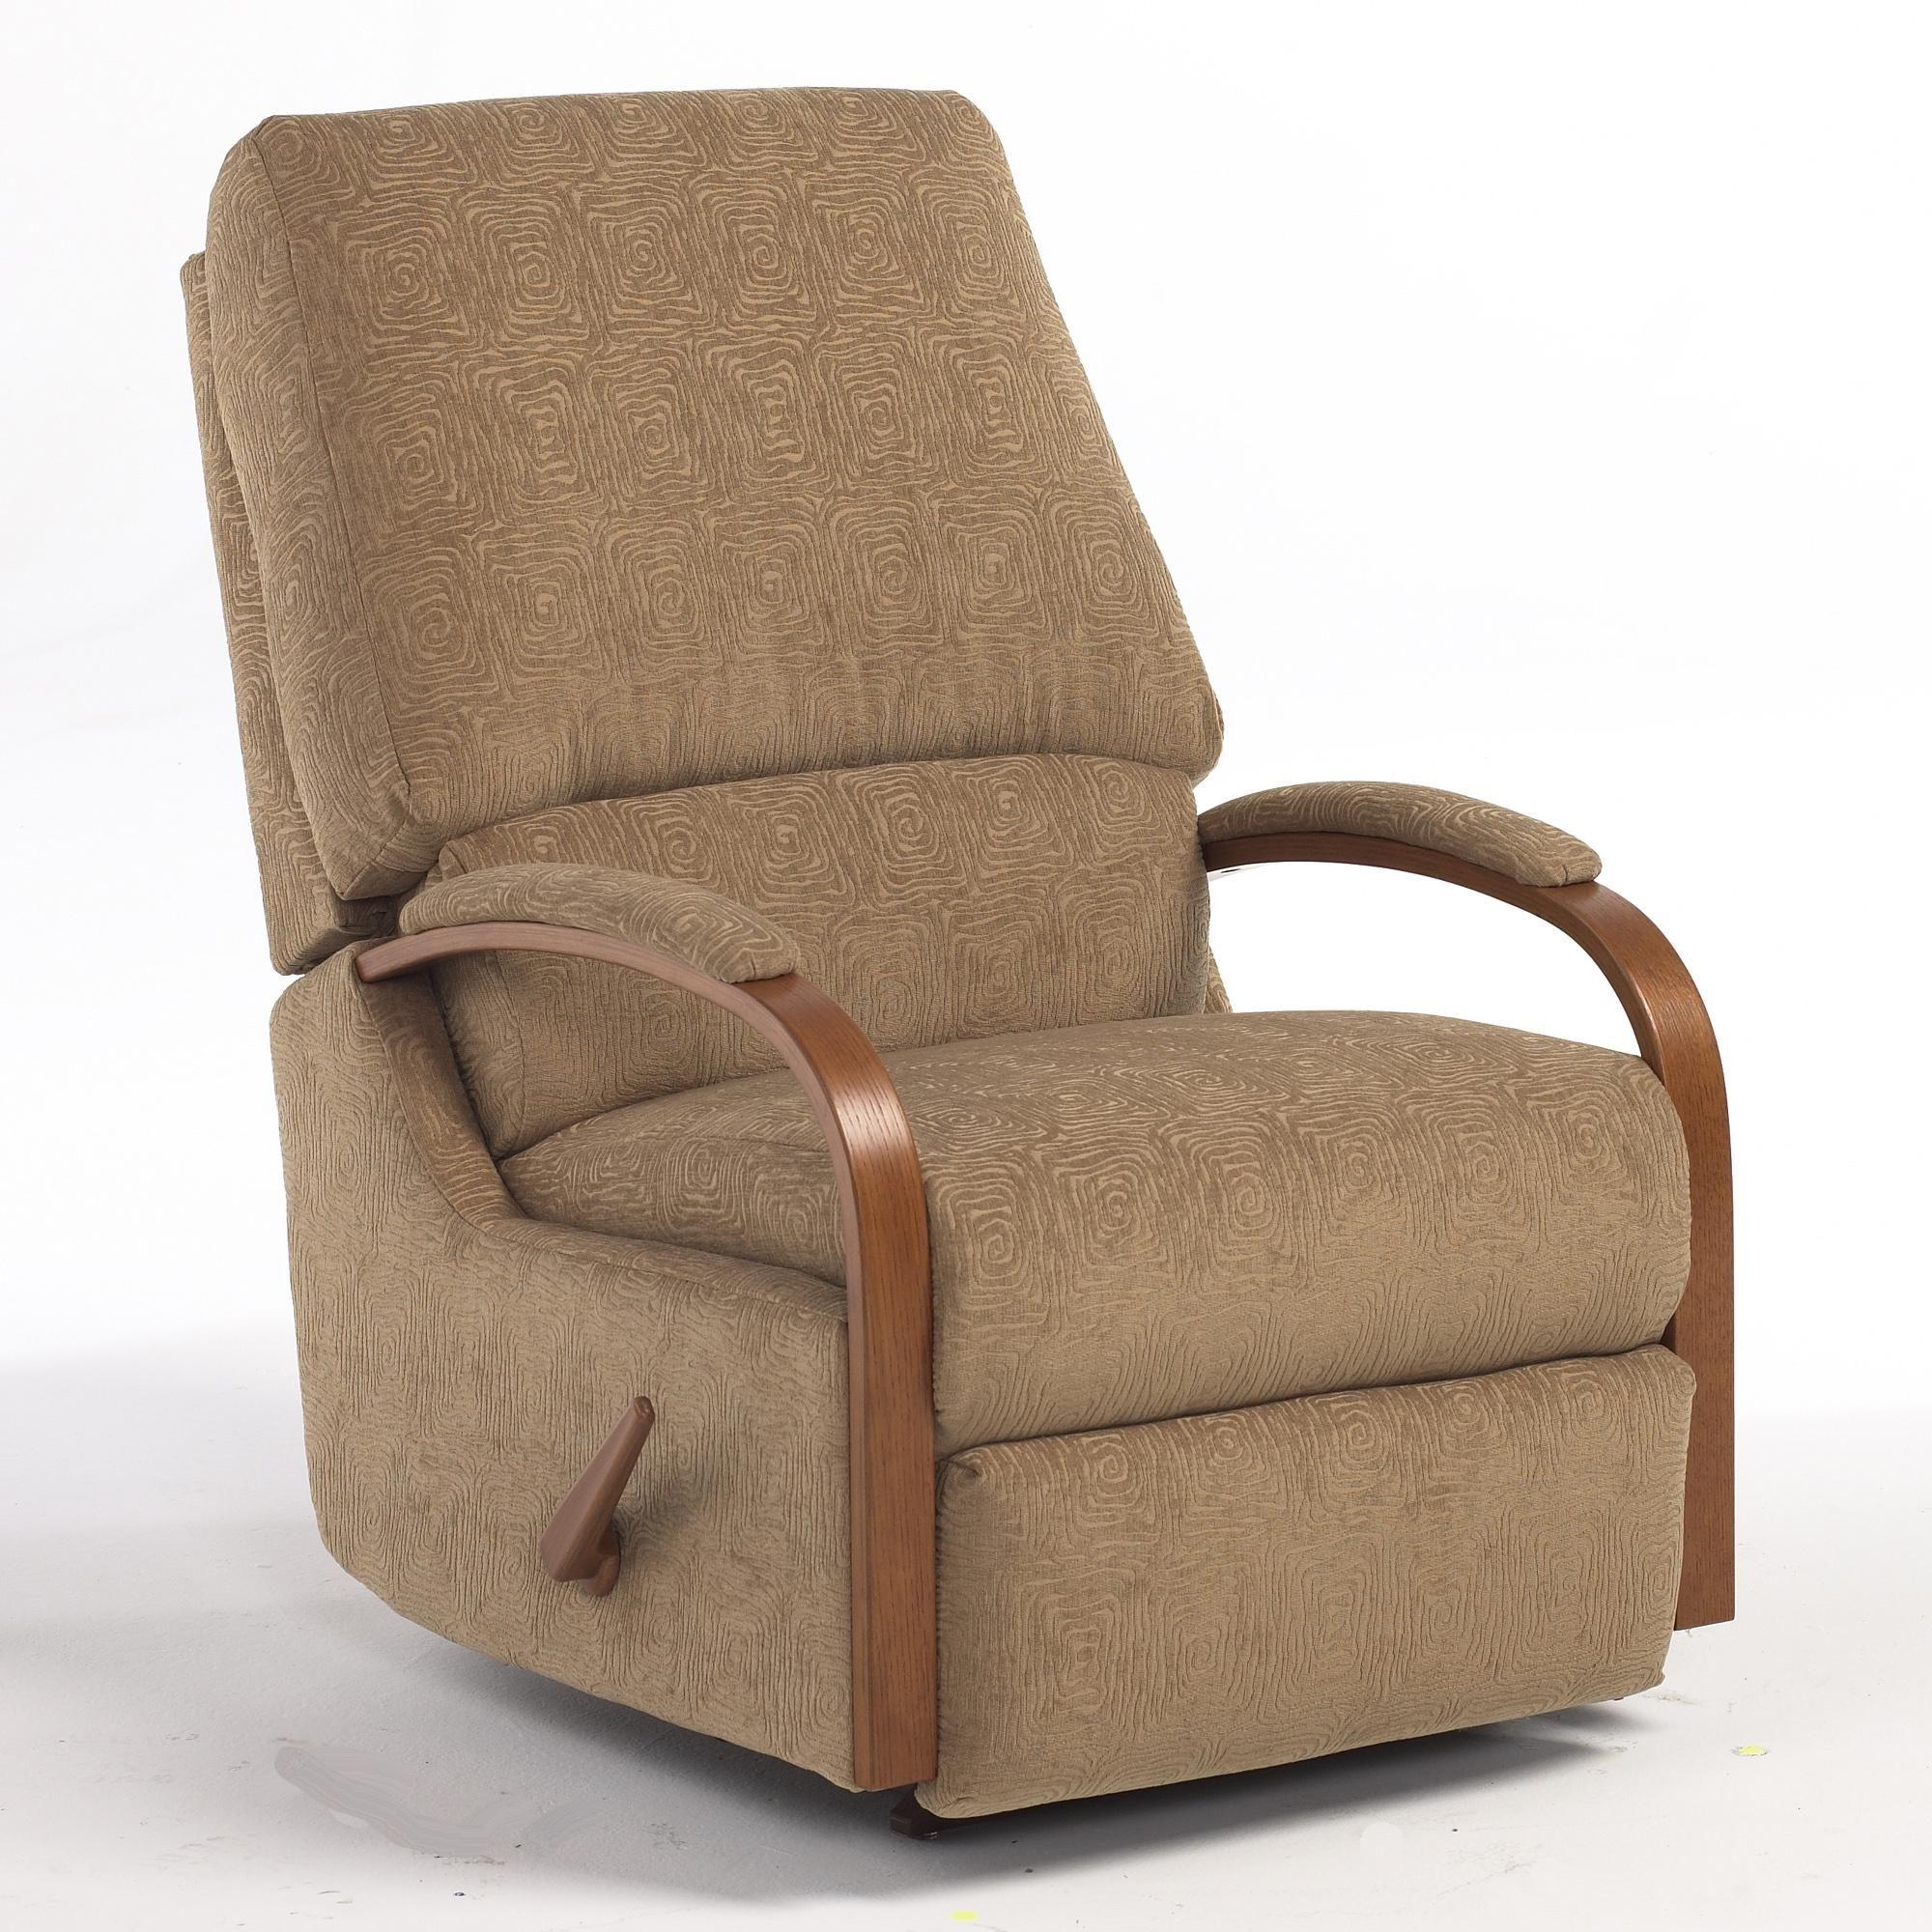 Astonishing Swivel Rocker Recliner Pike Swivel Rocker Recliner New Inzonedesignstudio Interior Chair Design Inzonedesignstudiocom